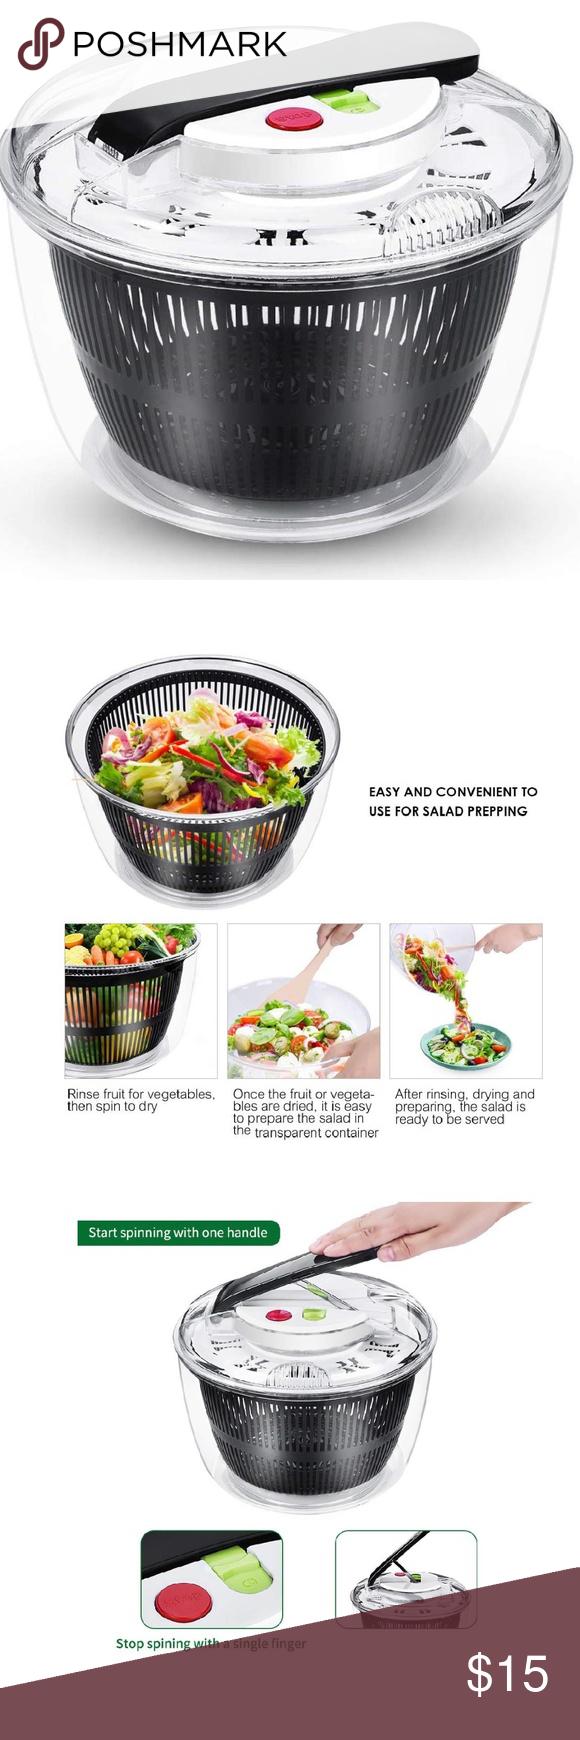 New Large Salad Spinner Salad Spinner Fruit Veggie Wash Lettuce Spinner